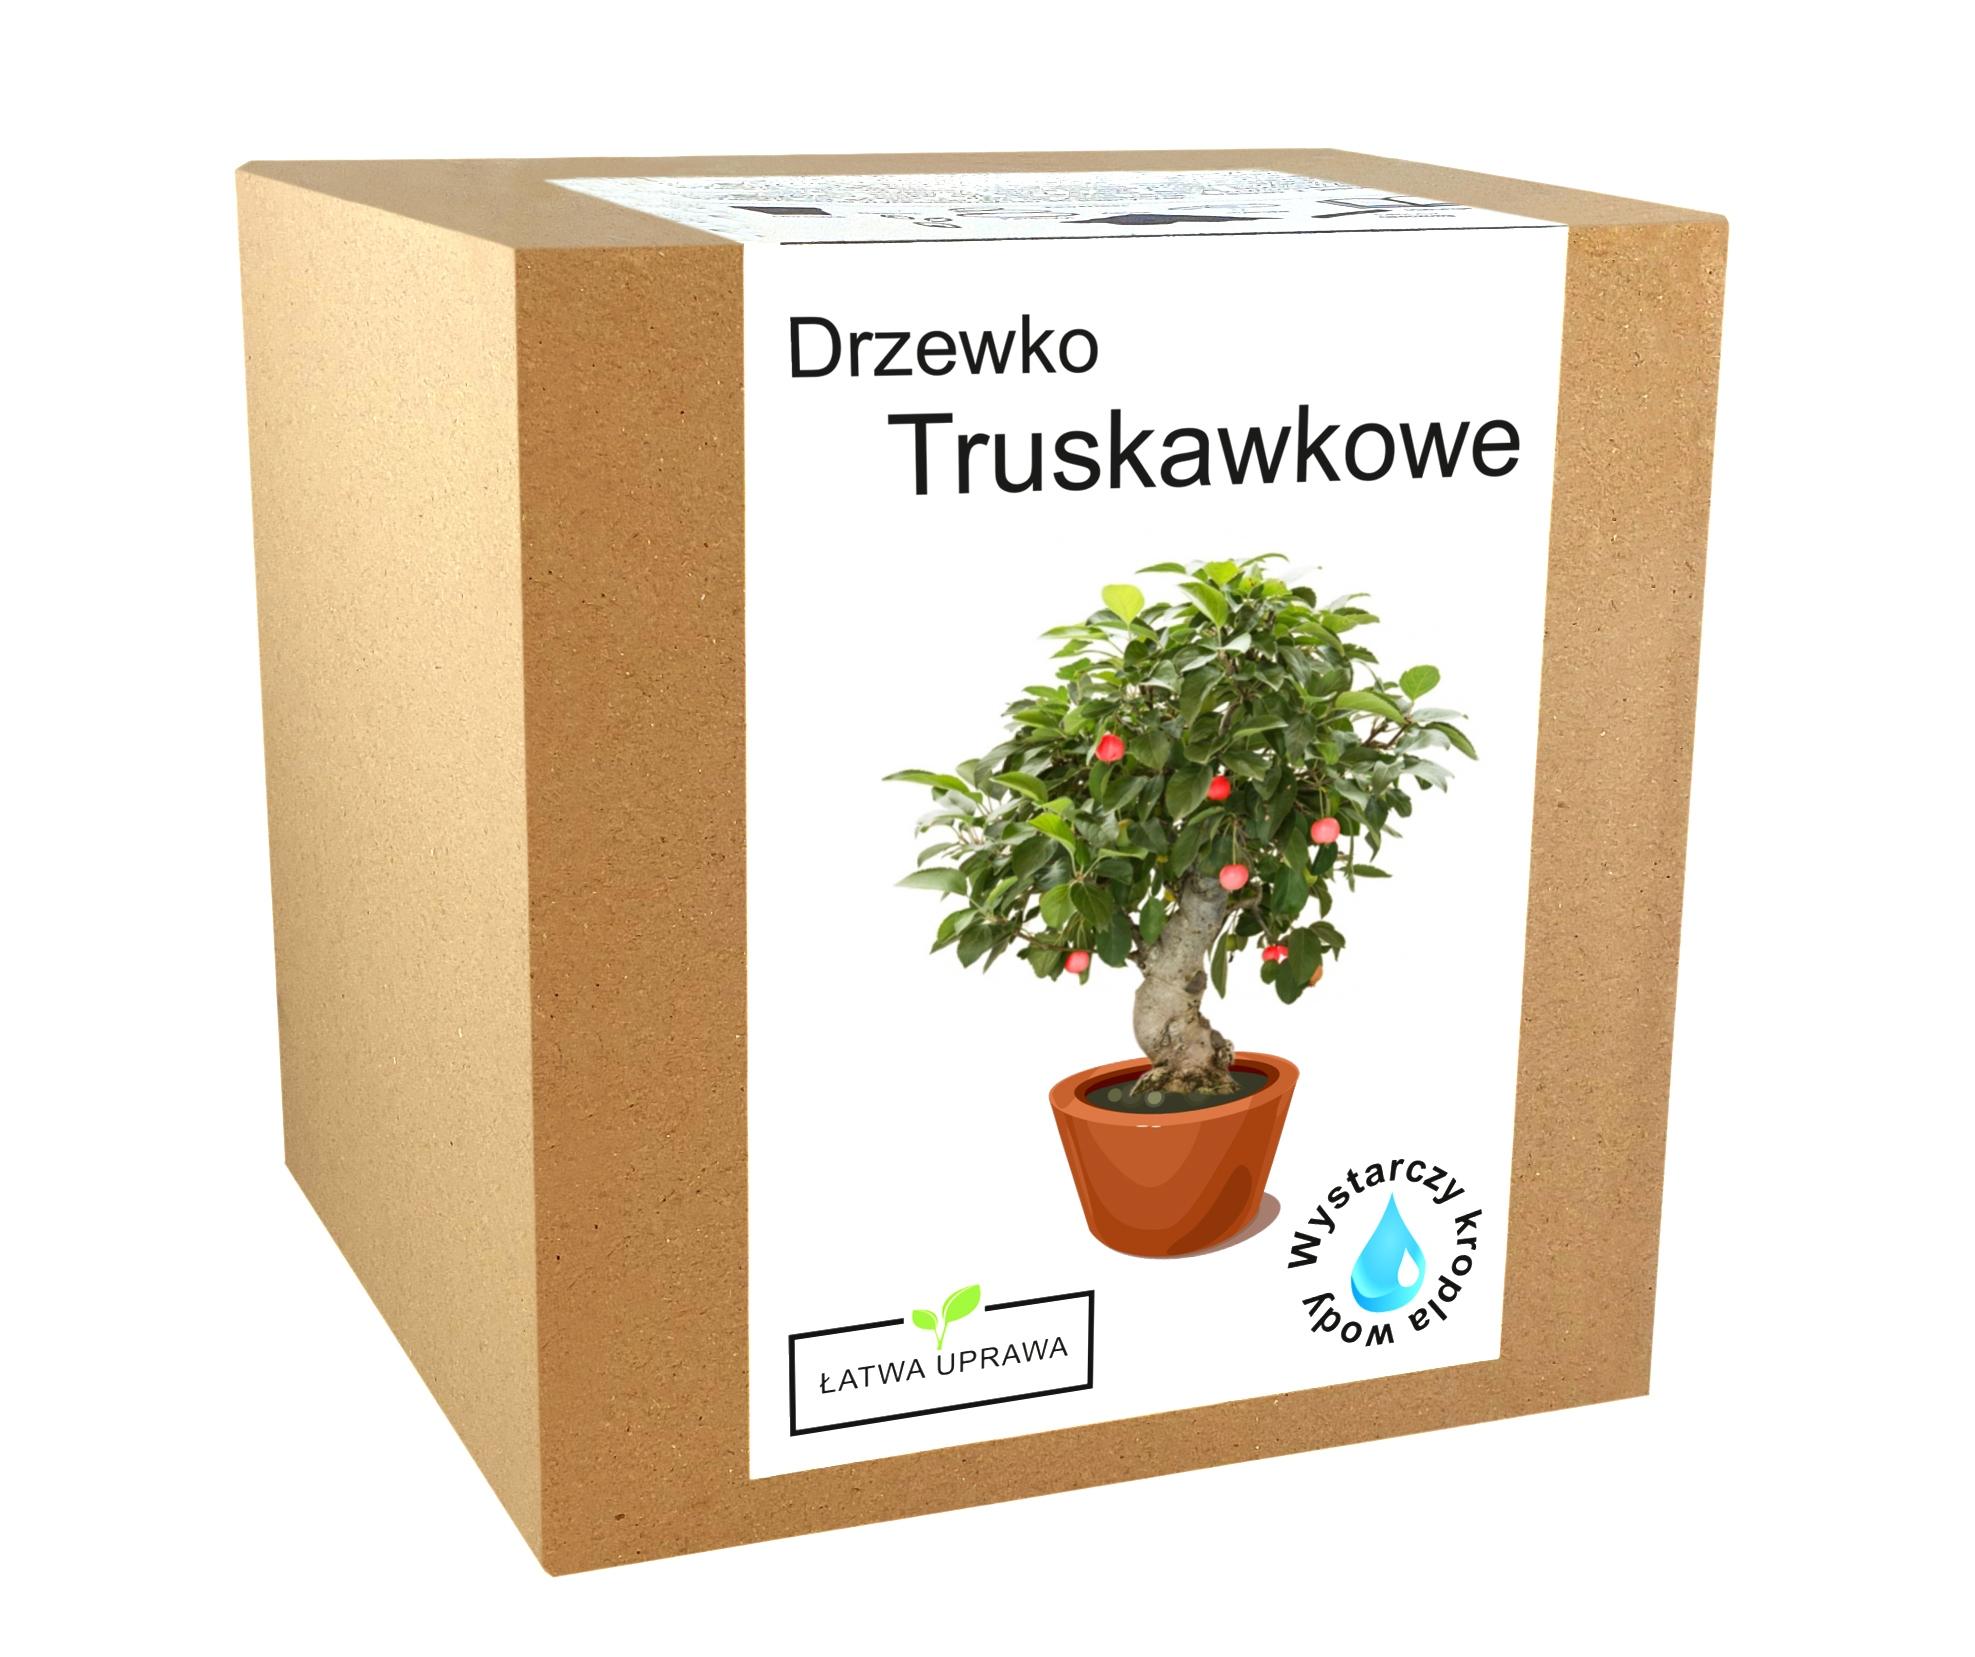 Zestaw do uprawy Bonsai Drzewko Truskawkowe owoce